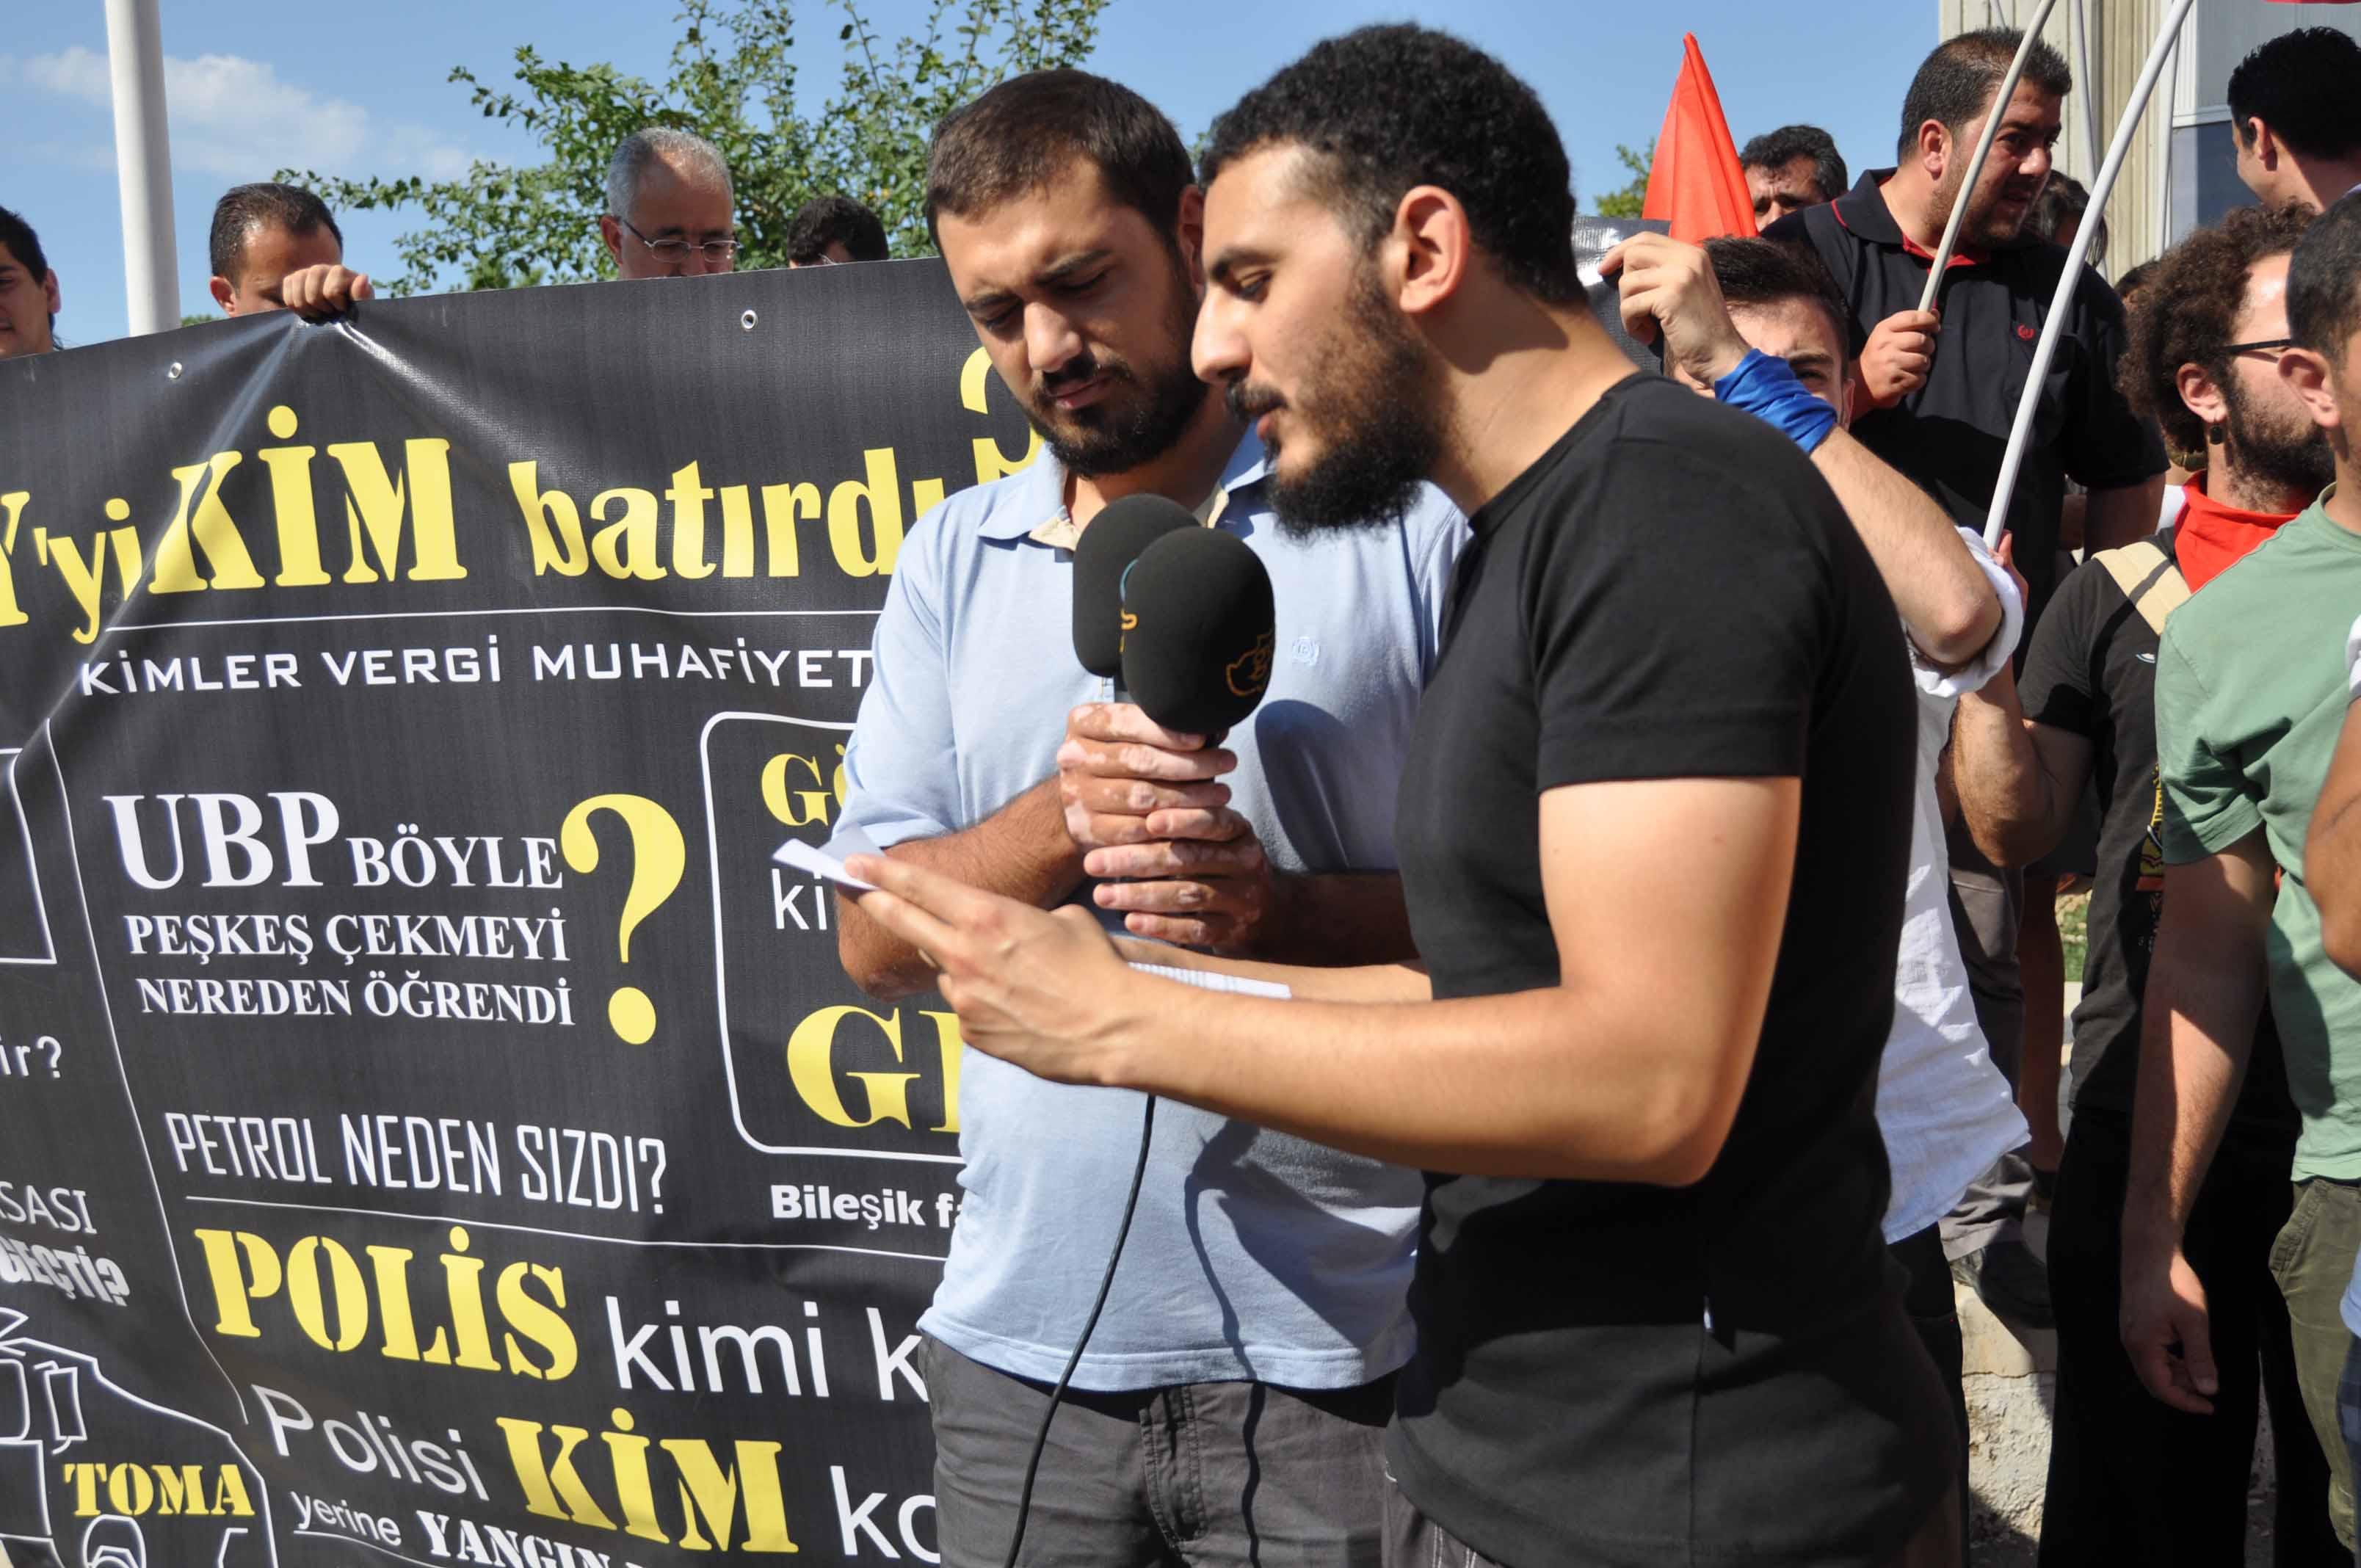 PROTESTO EYLEMİ DÜZENLEDİ